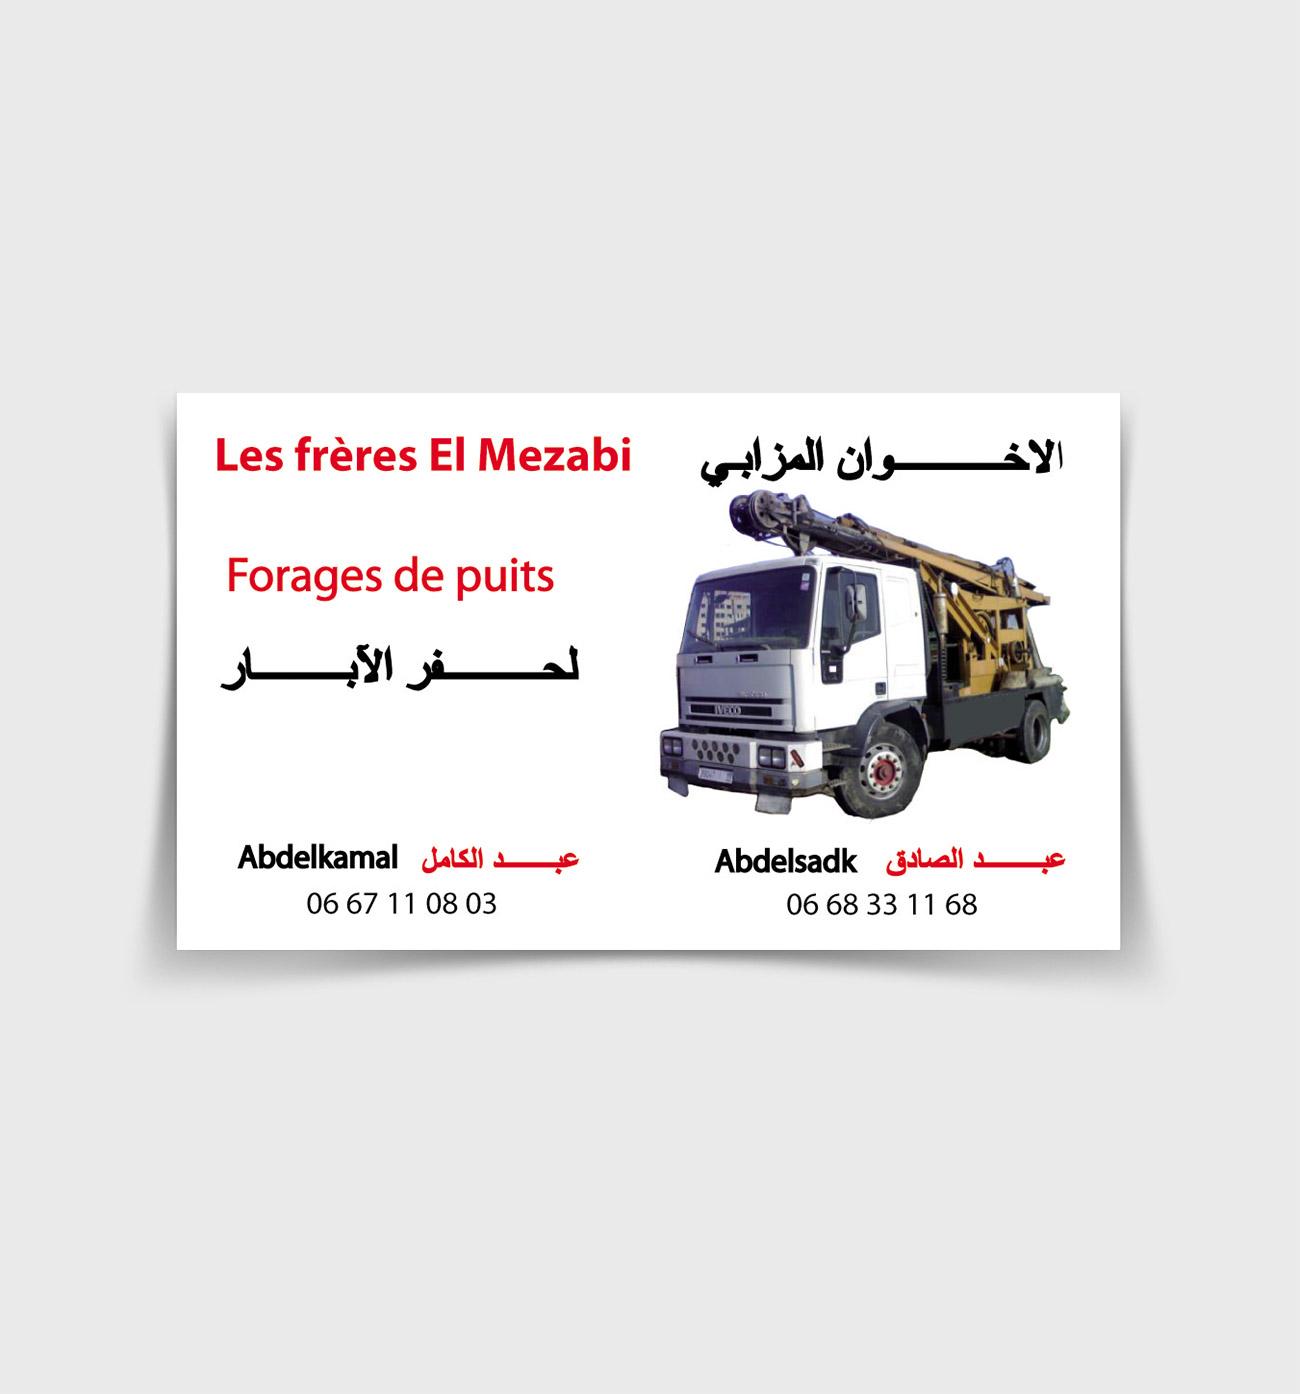 Les freres El Mezabi Forages de puits